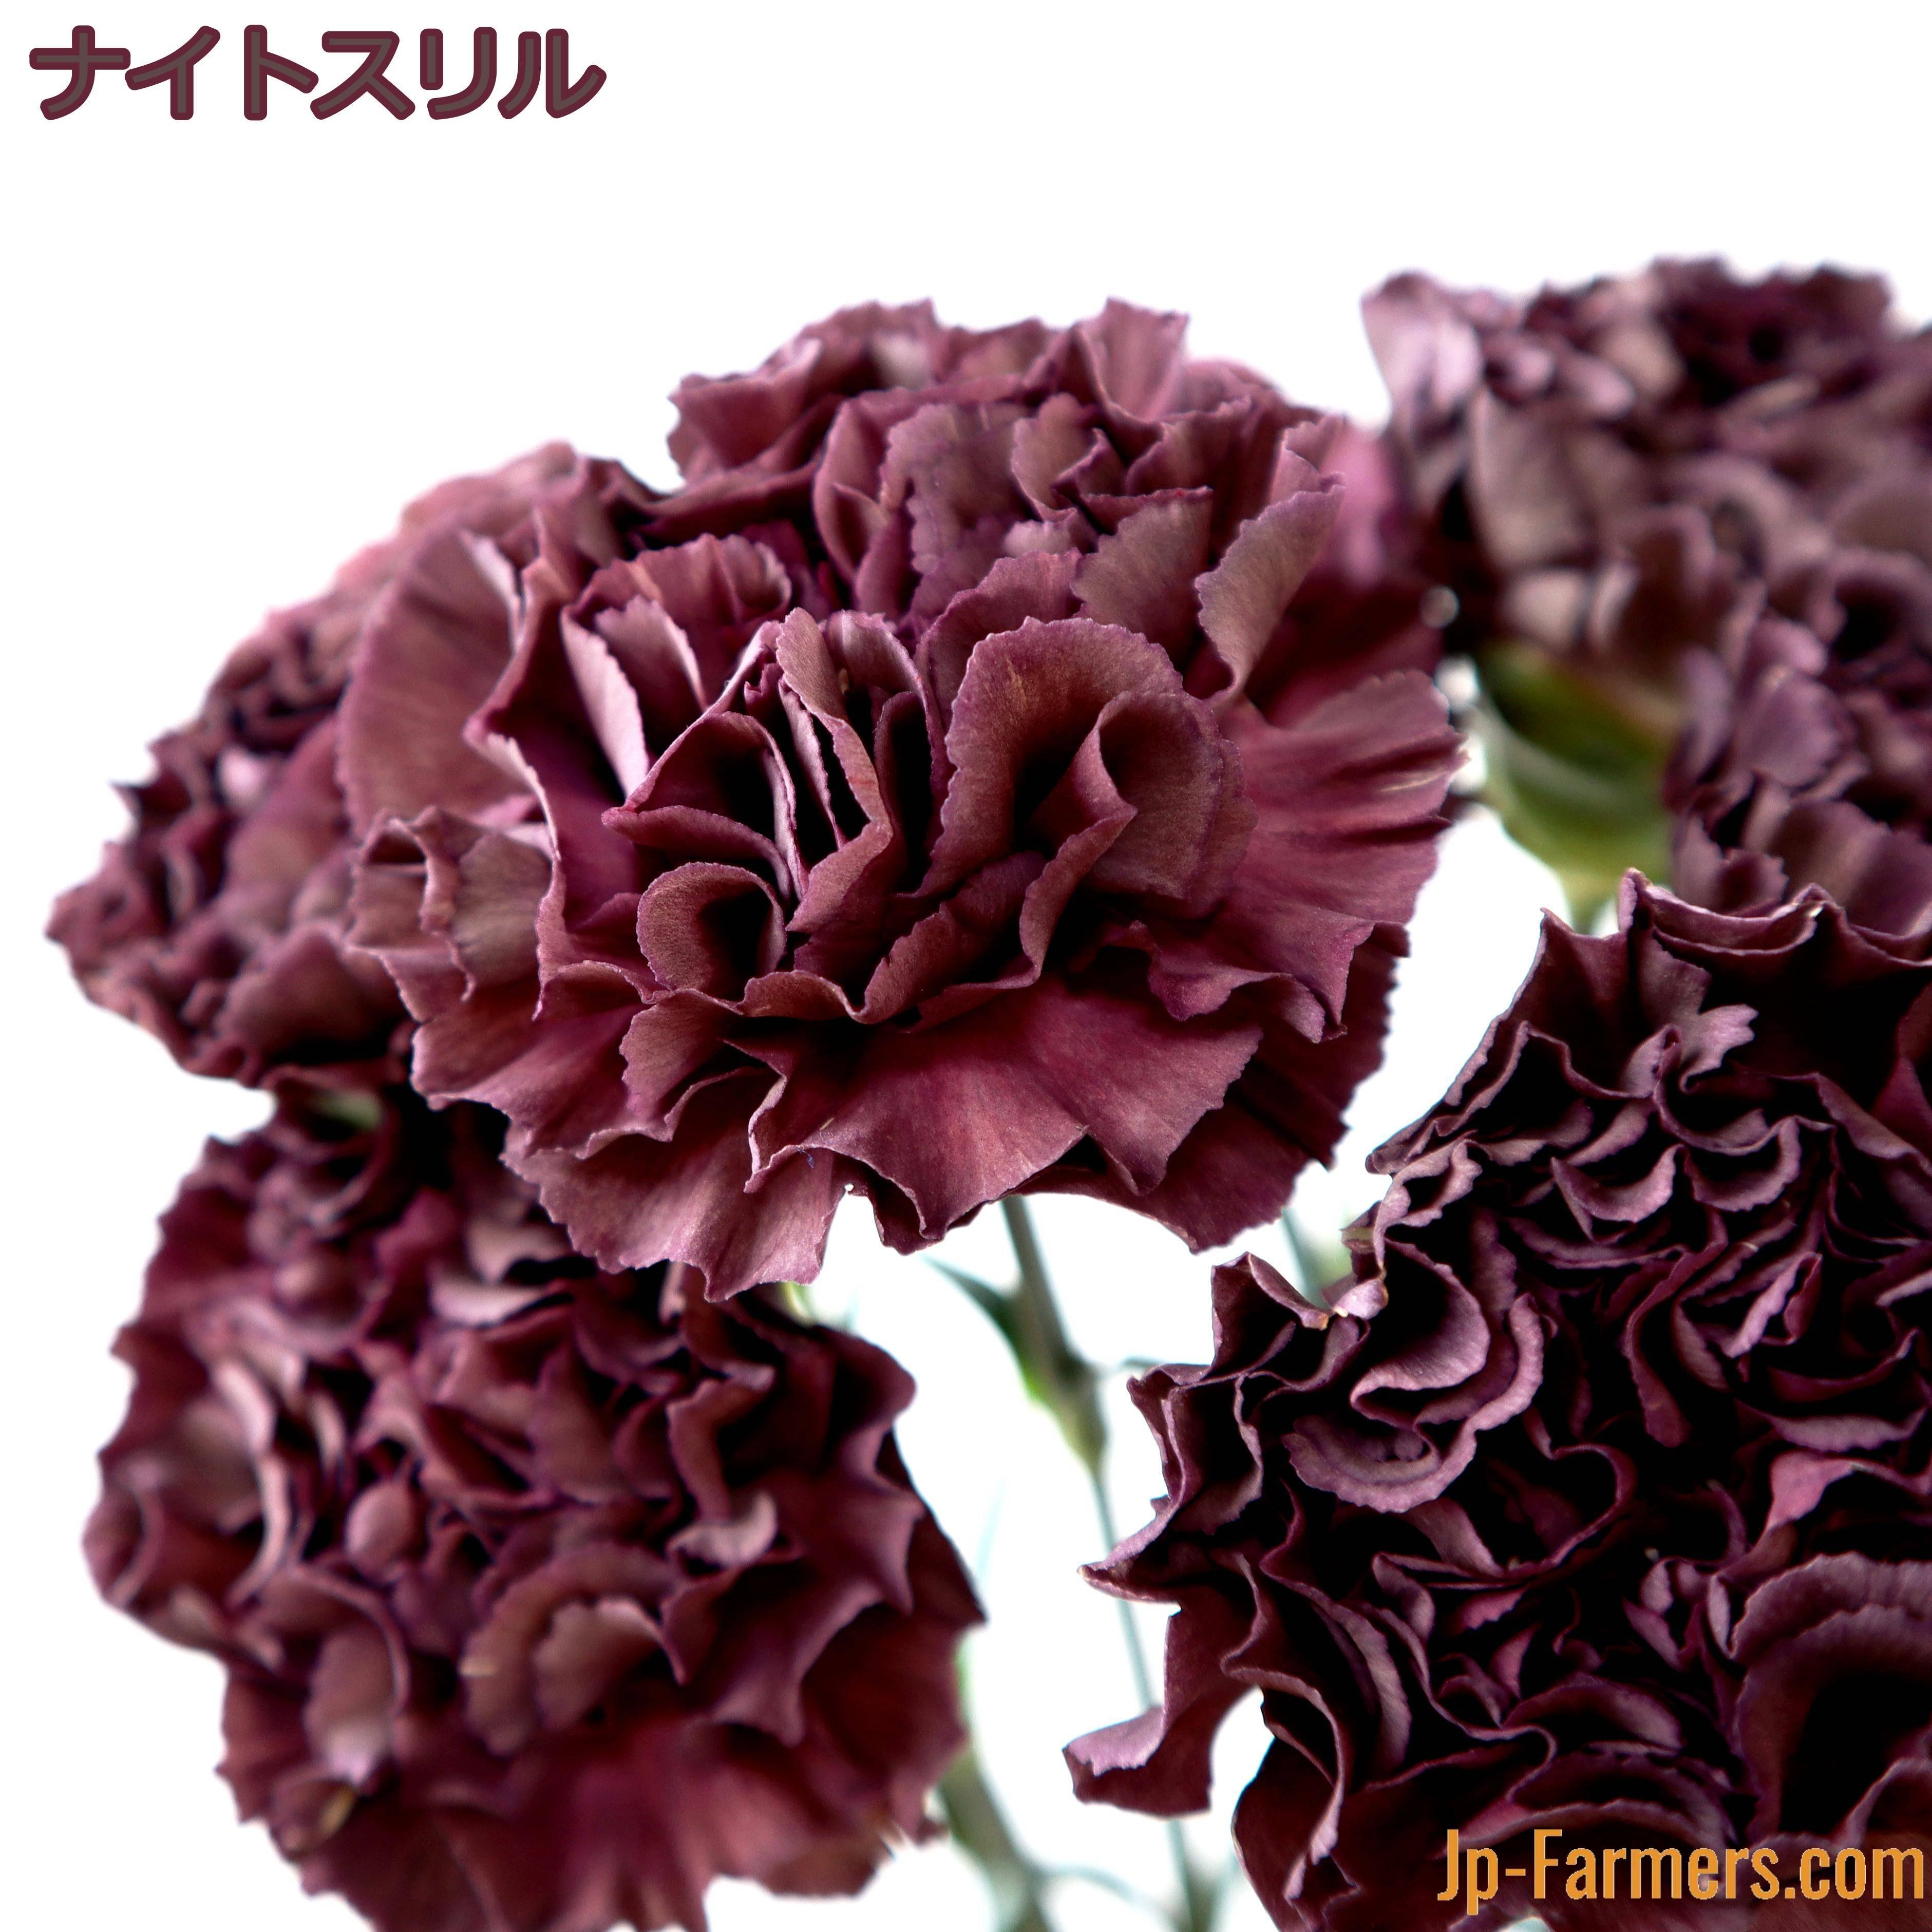 季節限定 とてもシックで妖艶なカラーリングのカーネーション 10本(計5品種)